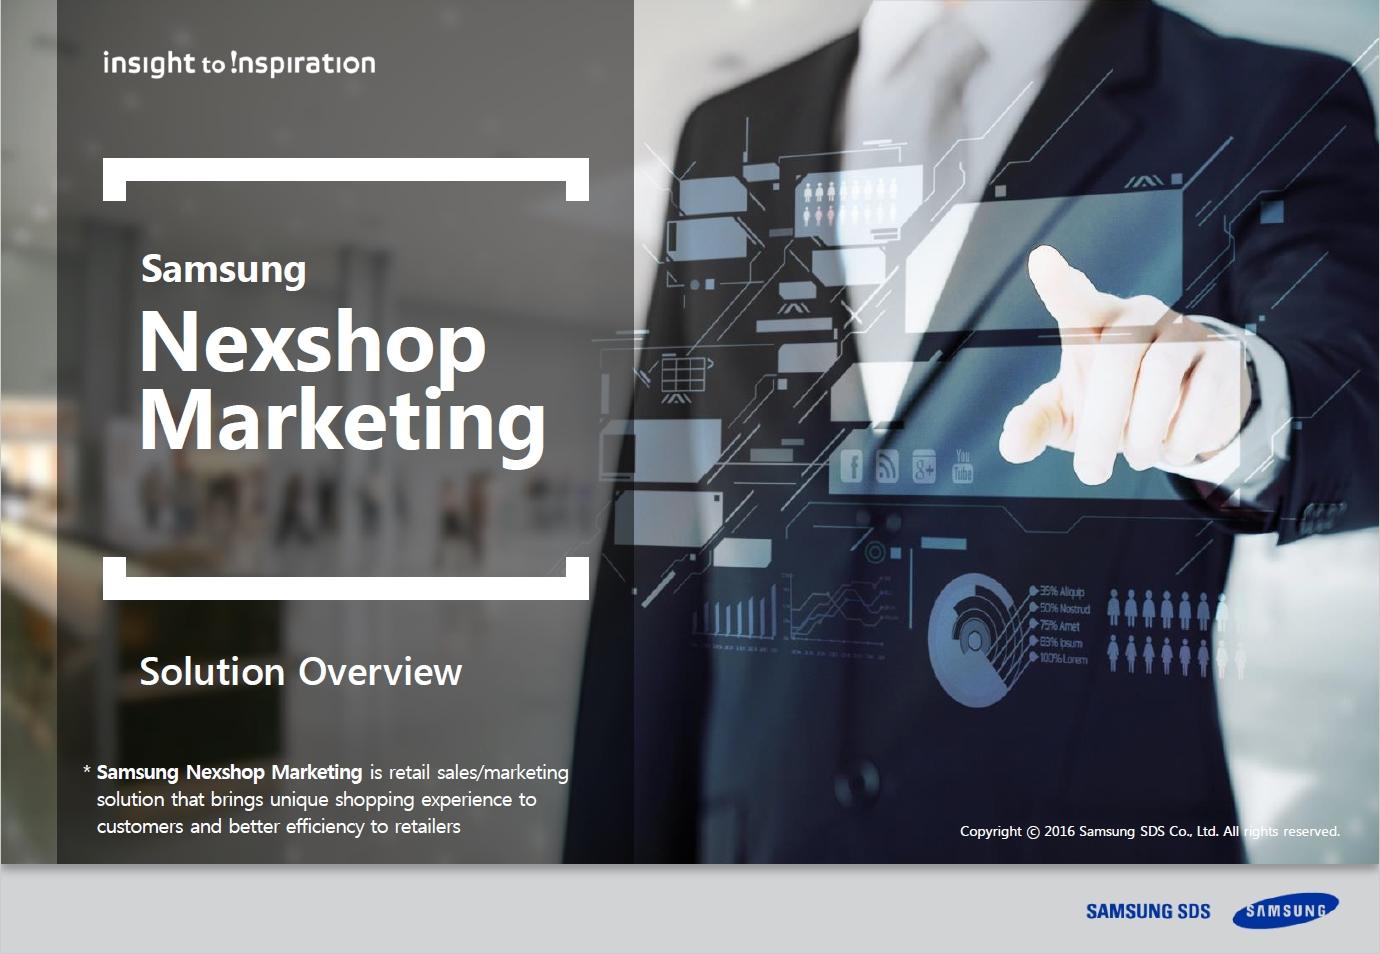 [Nexshop Marketing][PRESENTATION] Descubra o futuro do marketing digital interativo (Discover the future of interactive digital marketing)